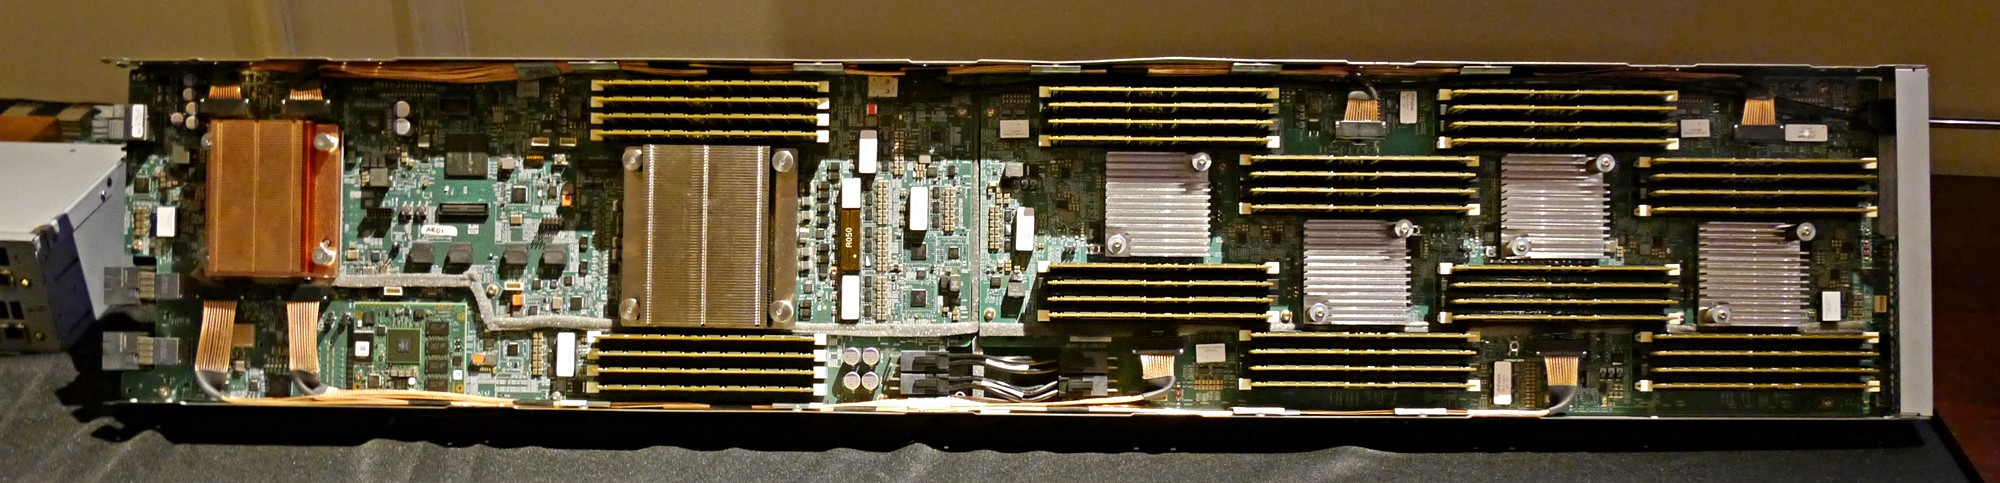 Memory-Driven Computing: HPE zeigt Prototyp von The Machine - Die reche Platine umfasst vier Memory Controller. (Foto: Marc Sauter/Golem.de)